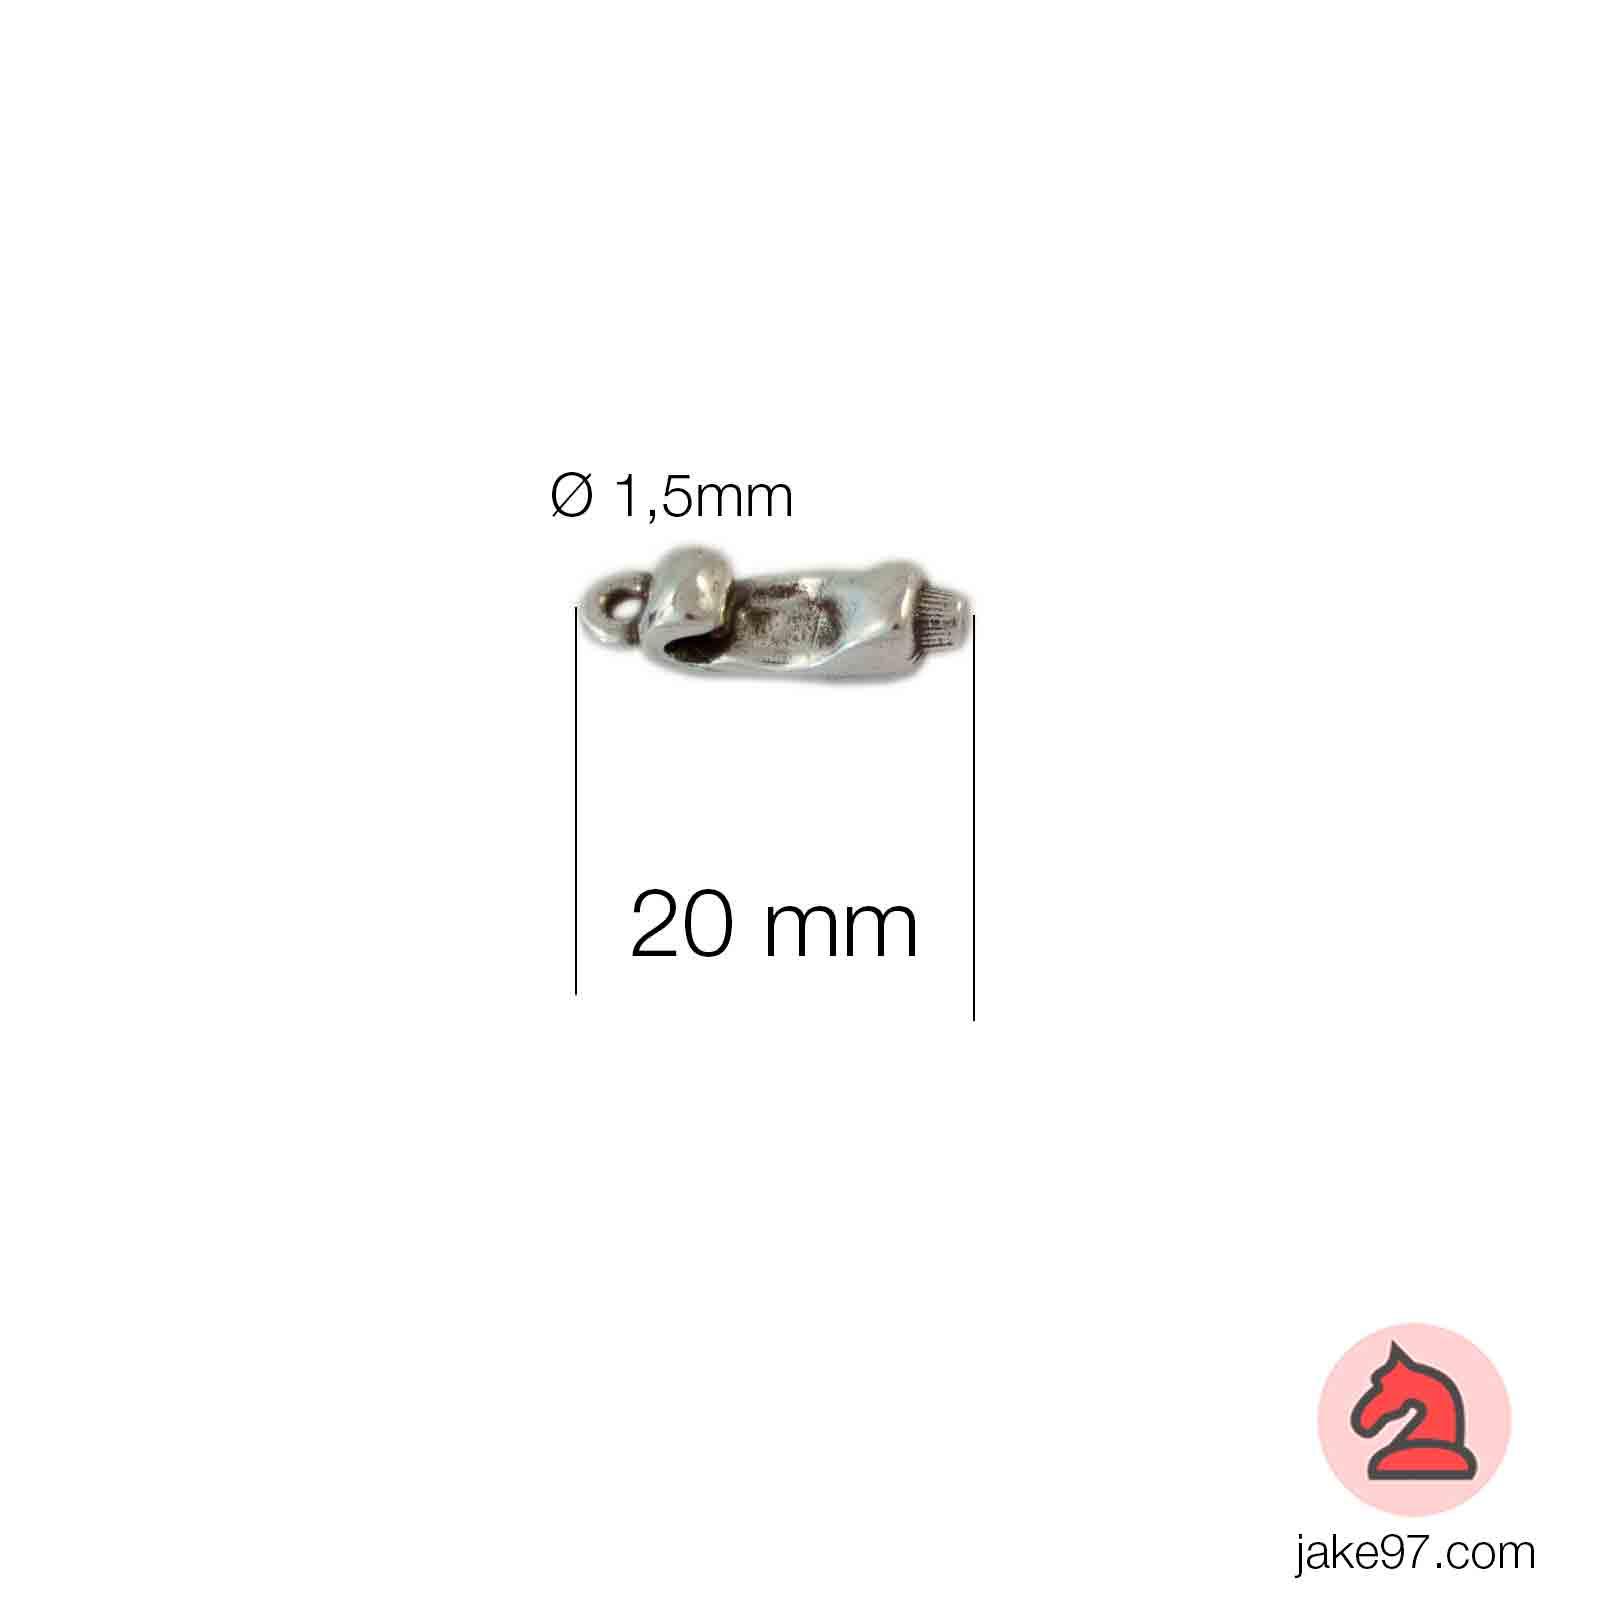 Charm dentífrico - Venta en bolsa de 30 unidadesTamaño aproximado 20mm, anilla 1.5mm